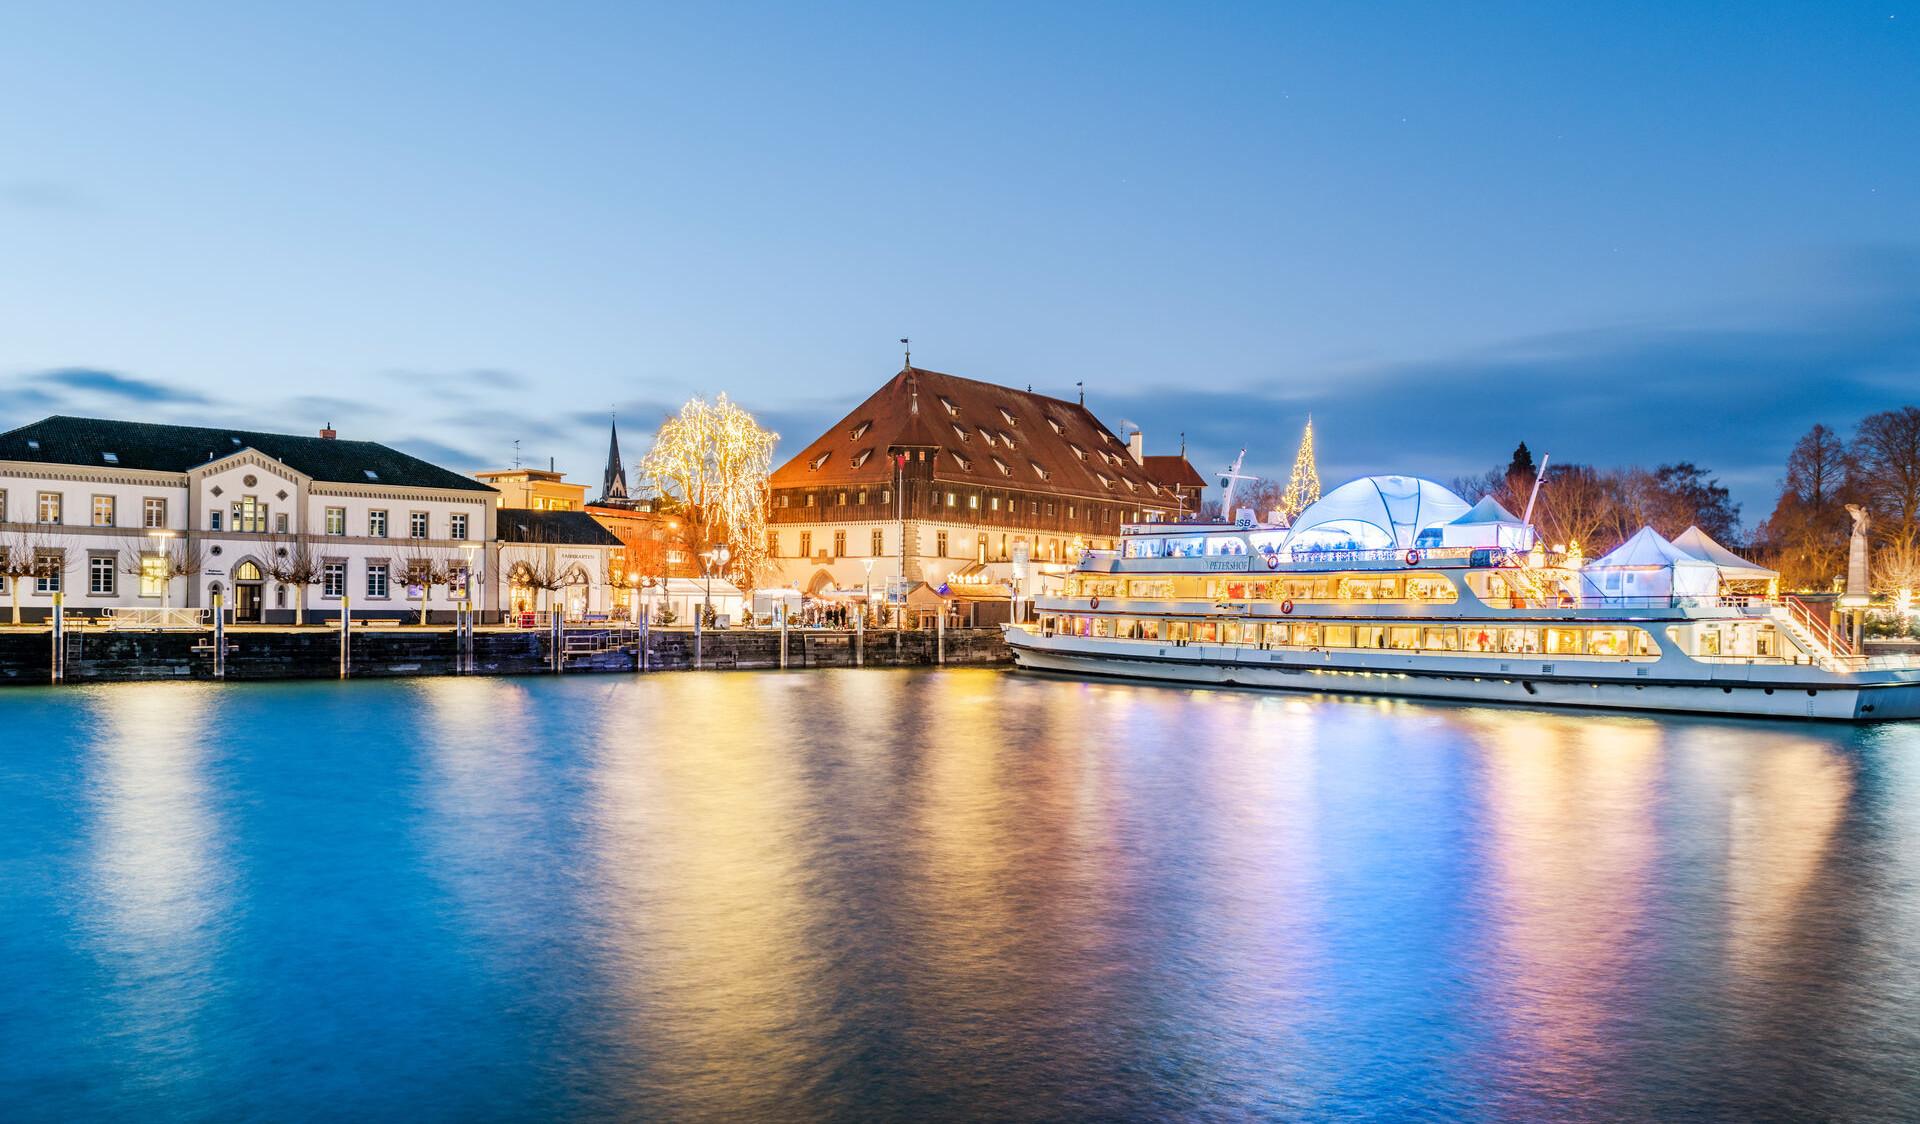 Konstanz-Weihnachtsmarkt-Silhouette-Panorama-Abendstimmung-Konzil-Weihnachtsschiff-Hafenstrasse_Winter_Copyright_MTK-Dagmar-Schwelle